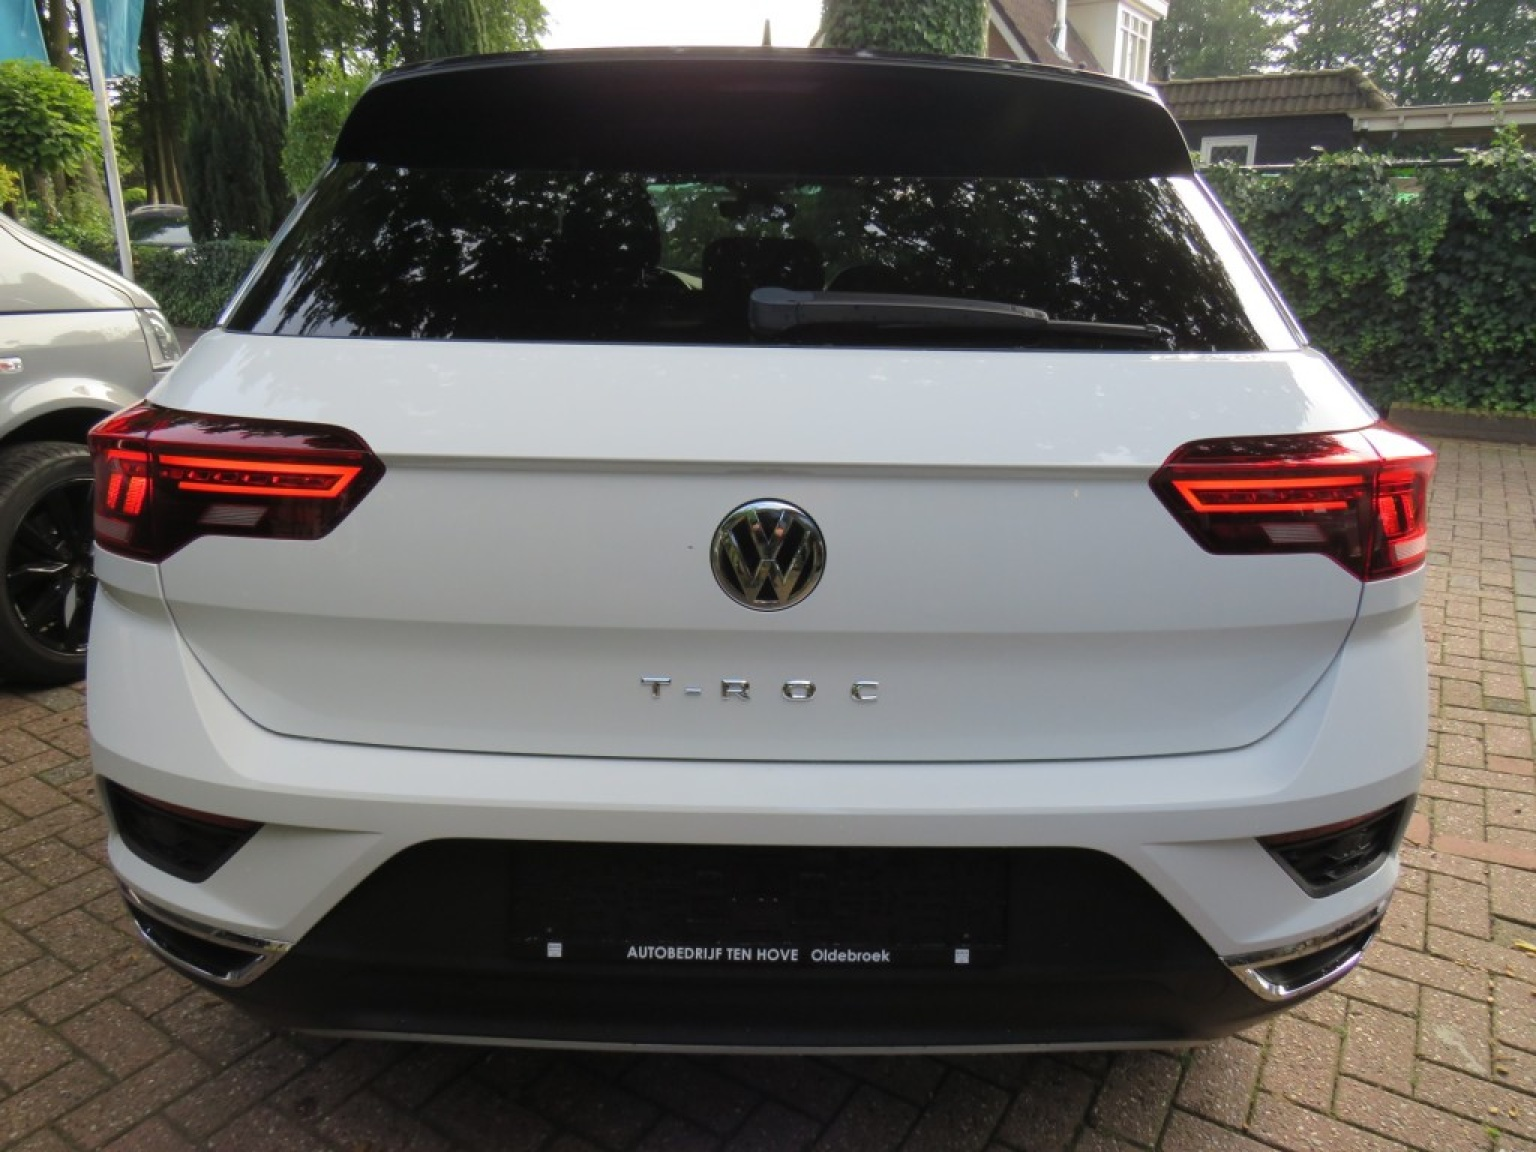 Volkswagen-T-roc-3